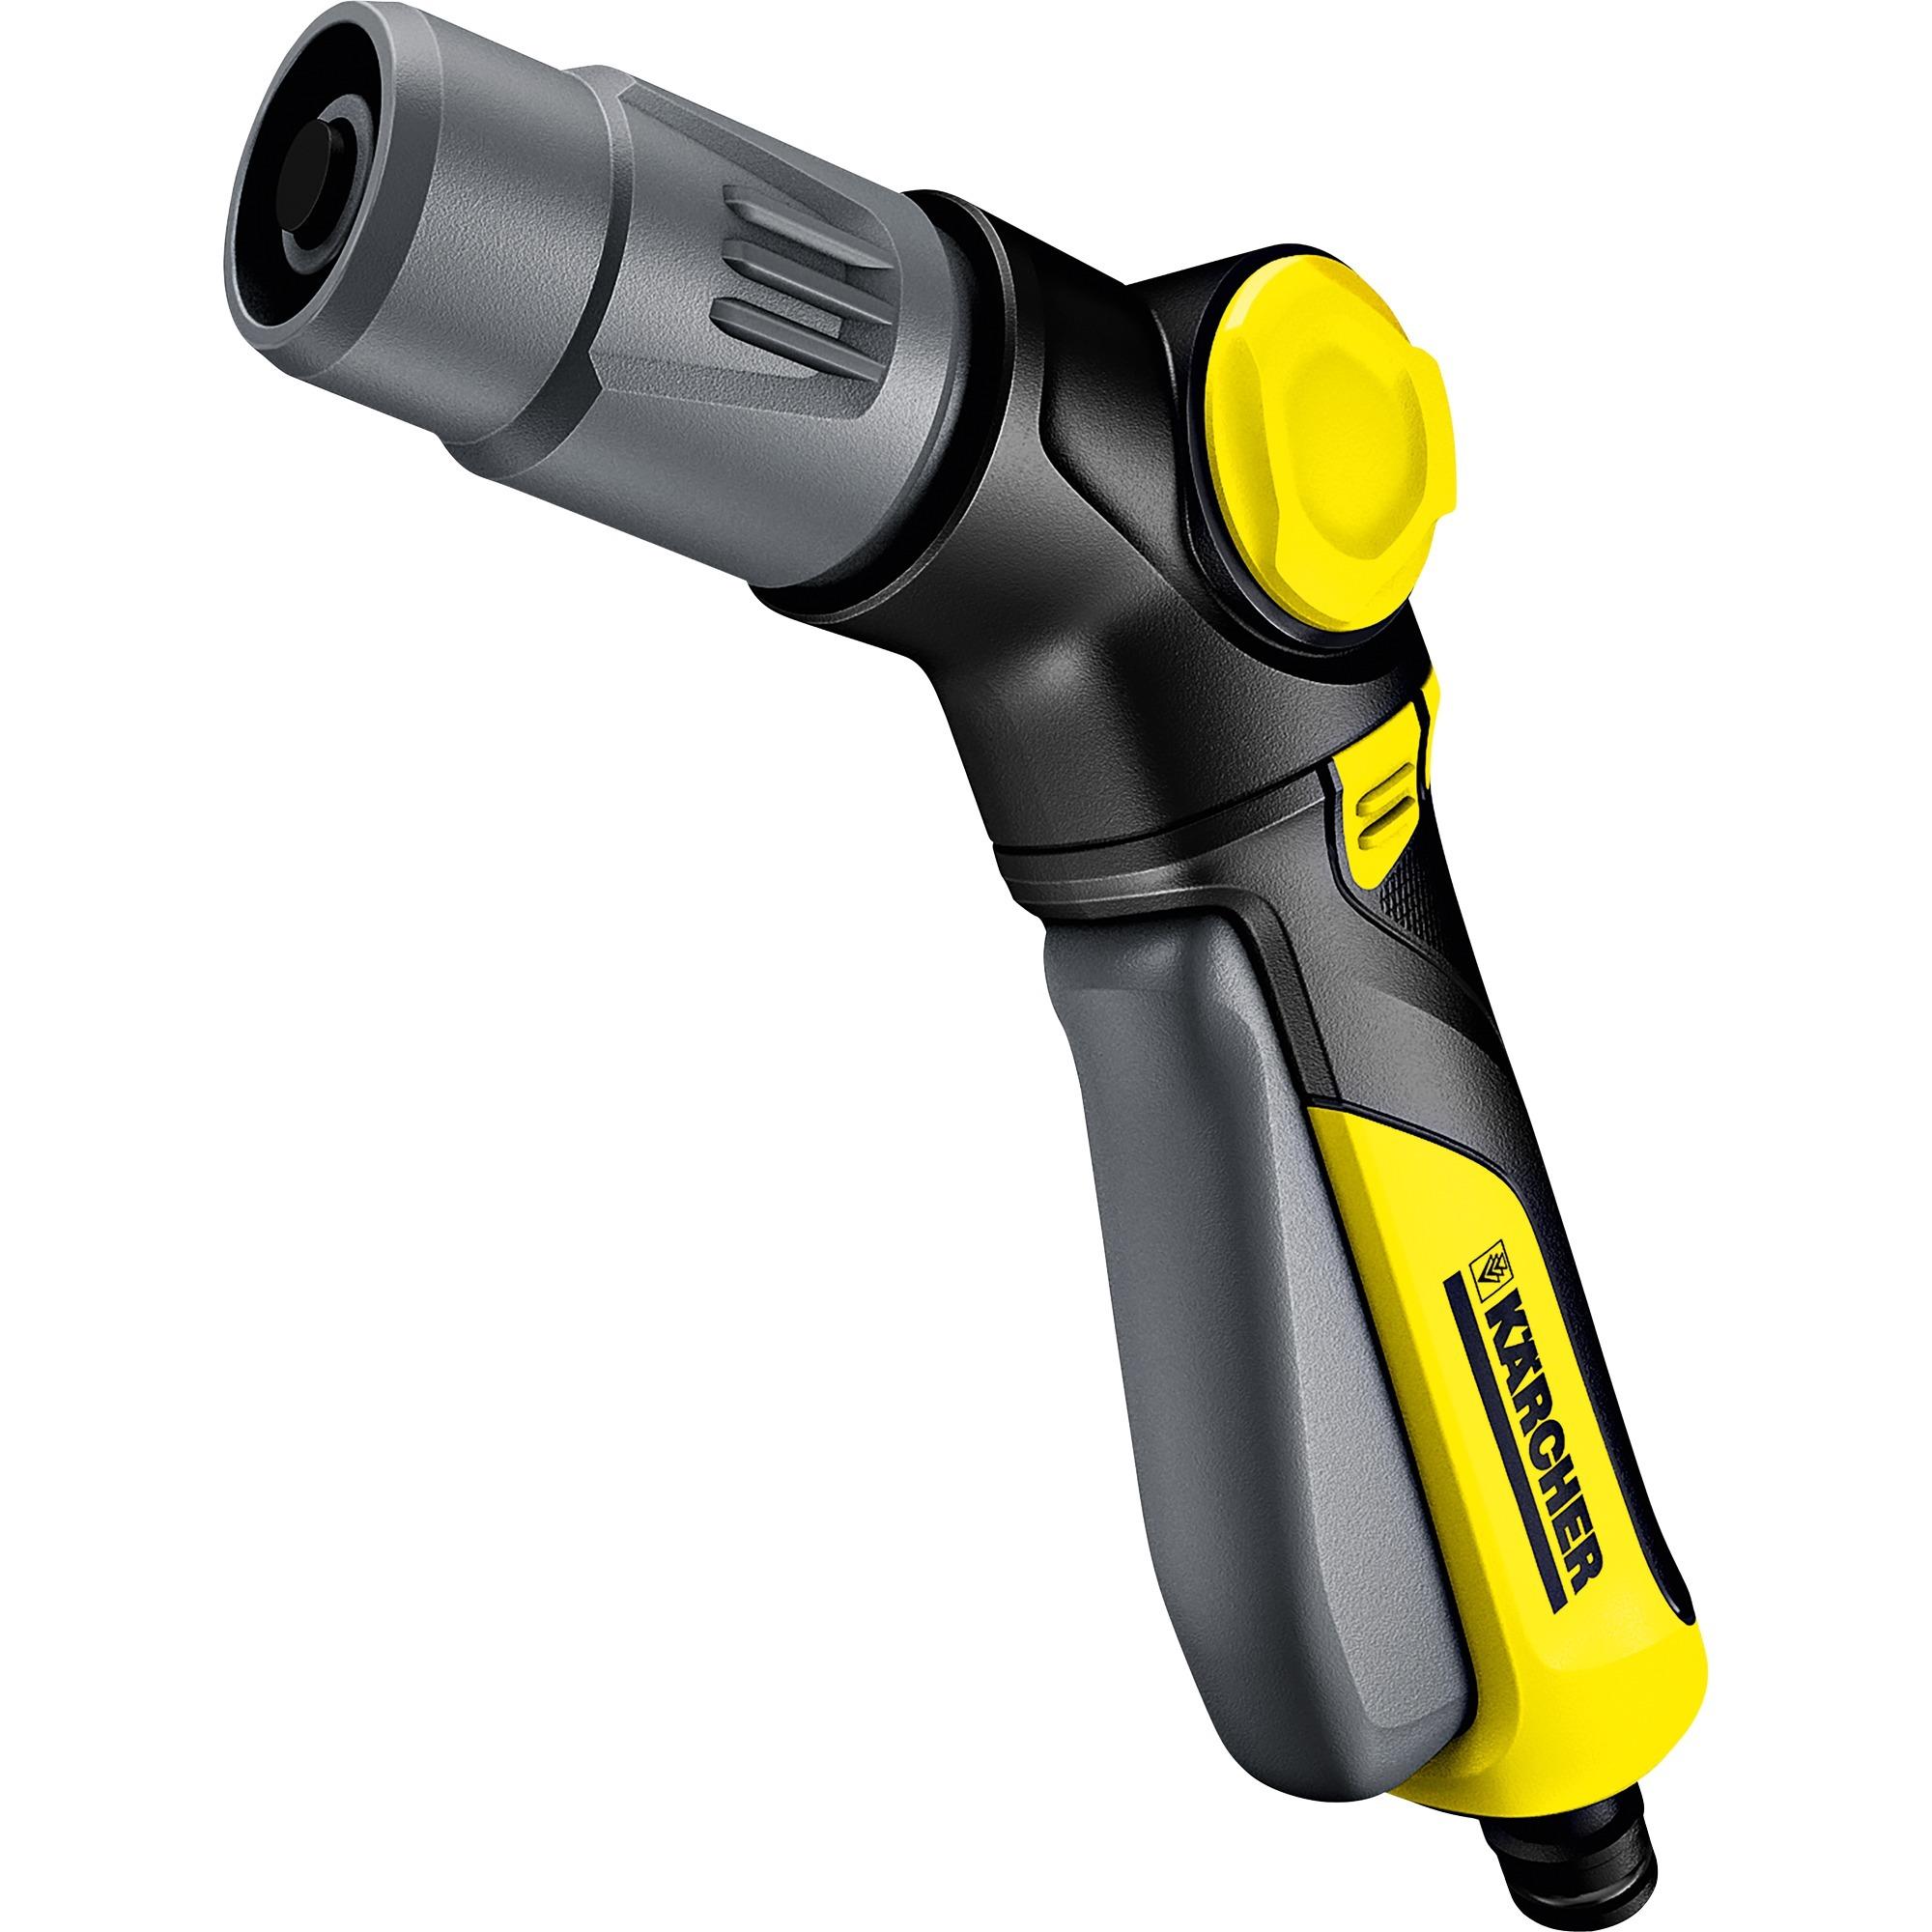 2.645-268.0 pistola de pulverización de agua o boquilla Garden water spray gun Negro, Gris, Amarillo, Inyección